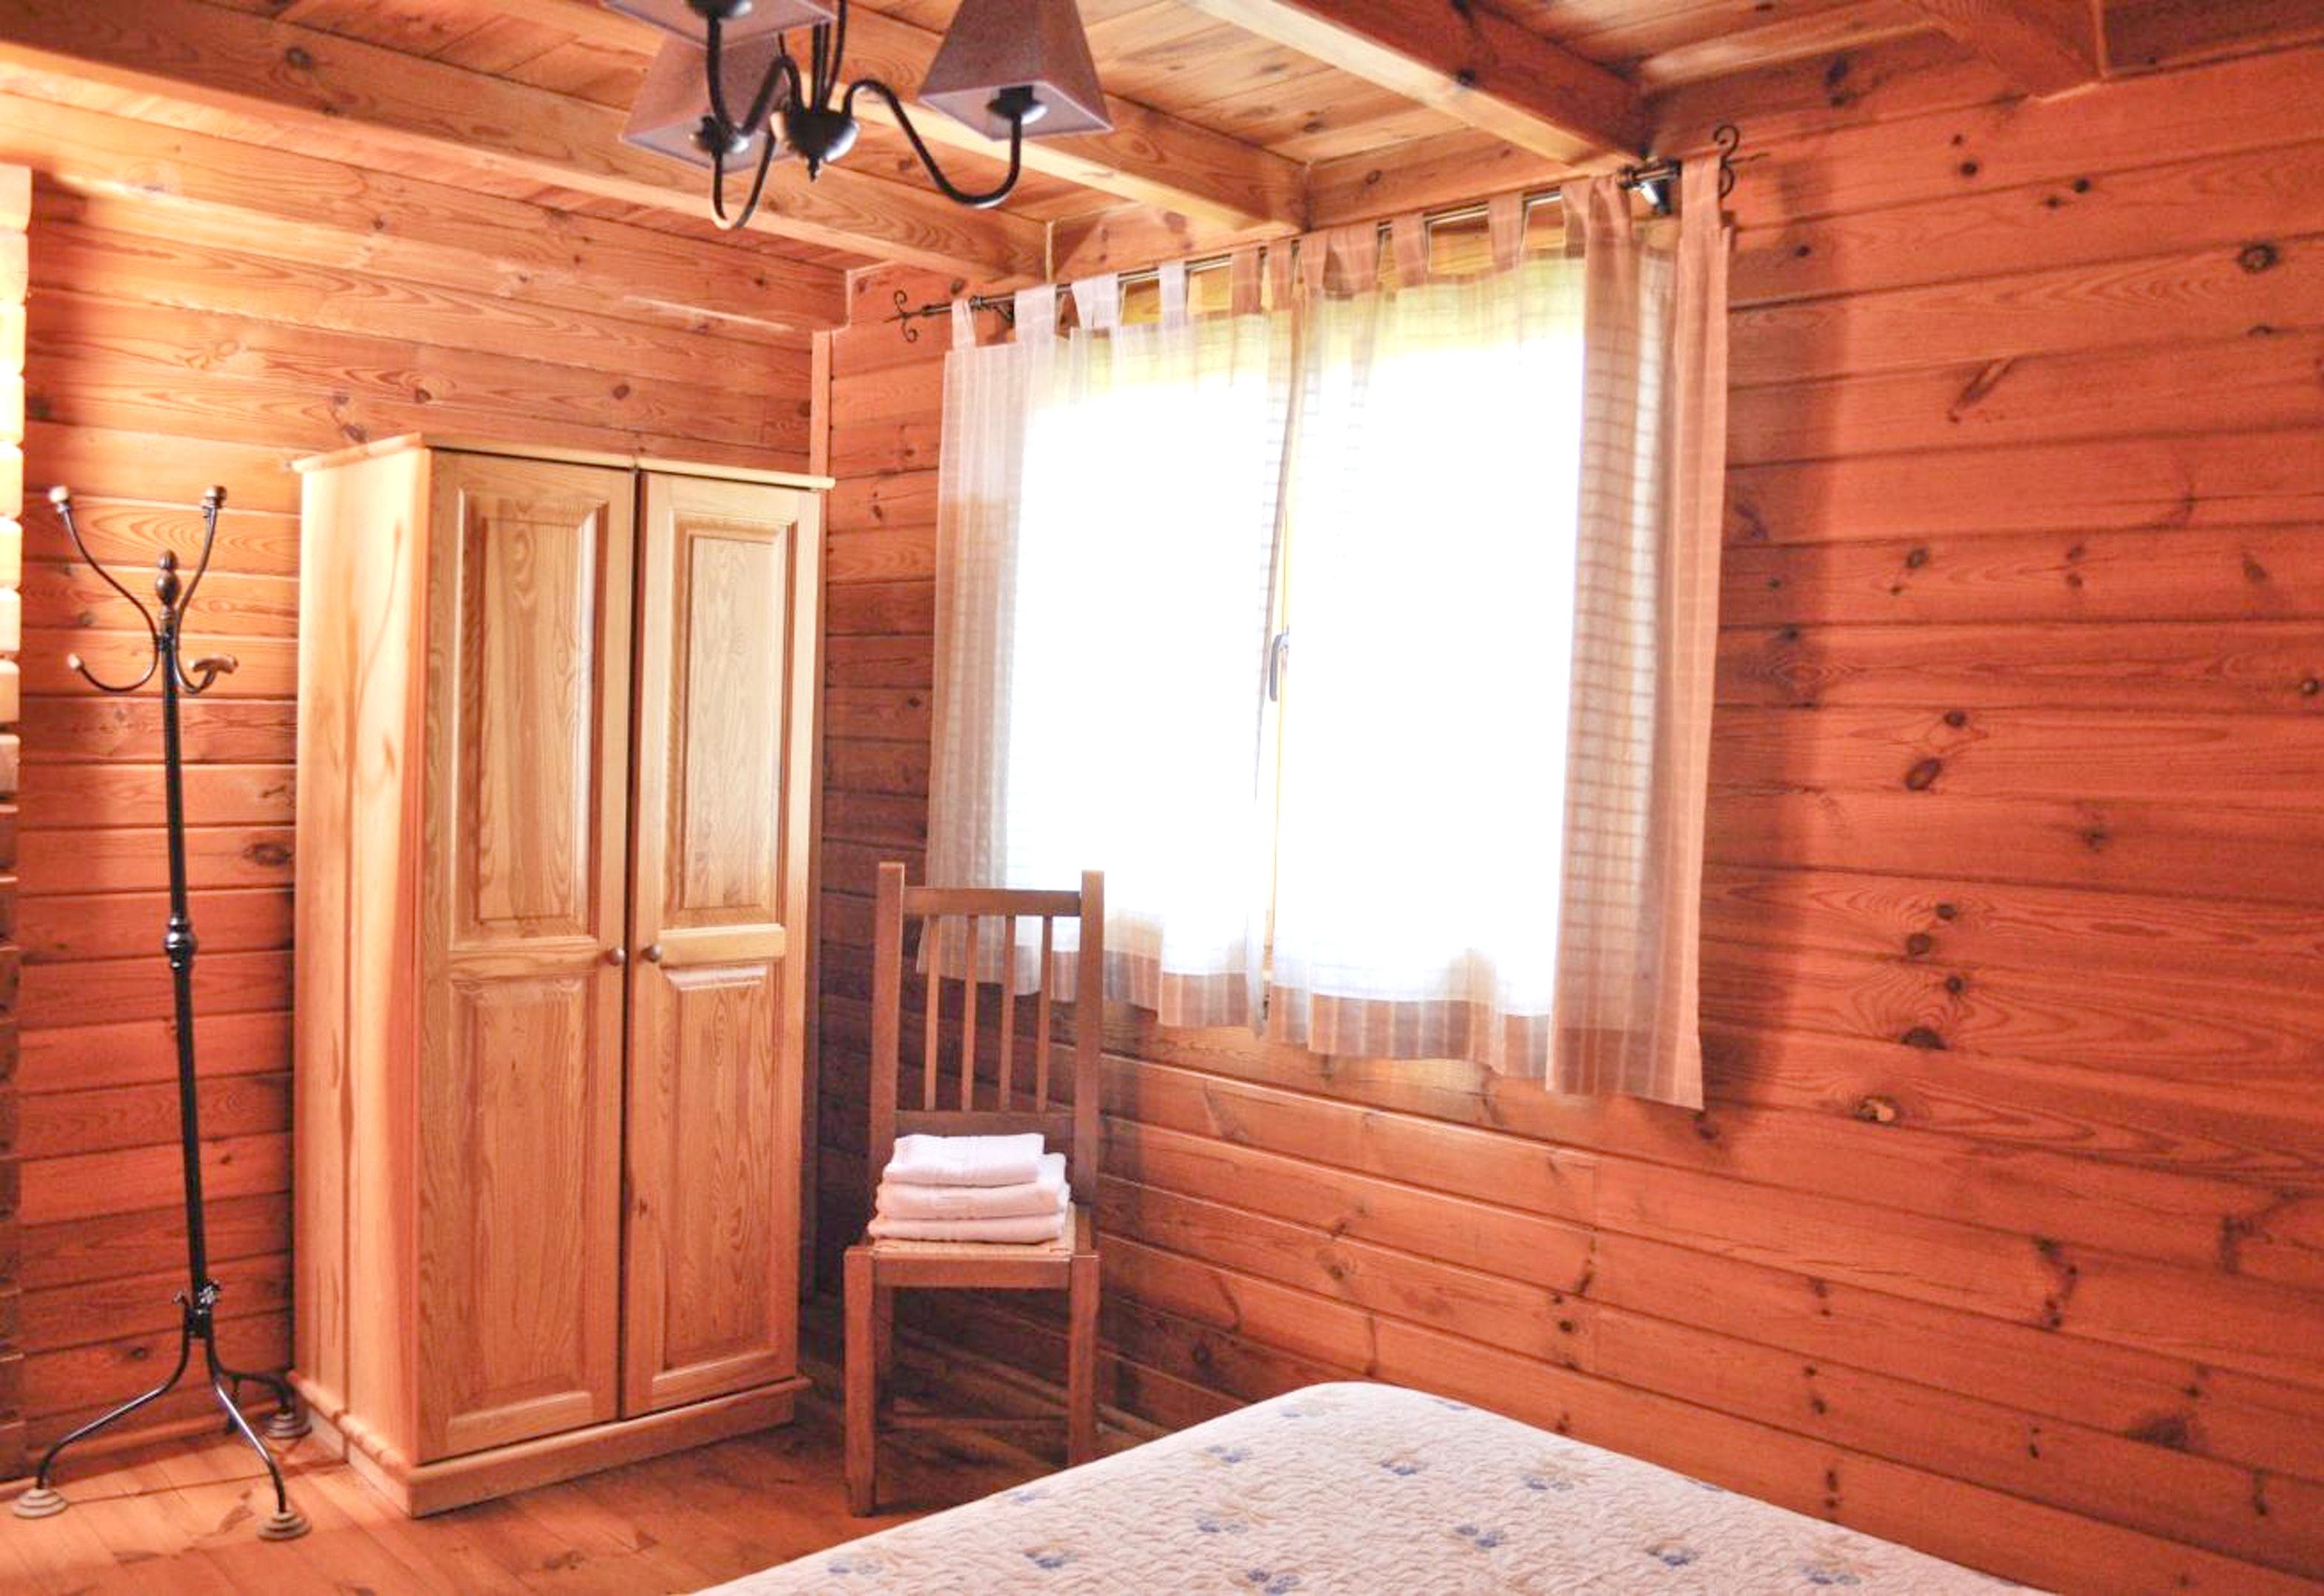 Ferienhaus Haus mit 3 Schlafzimmern in El Robledo mit toller Aussicht auf die Berge, Pool und eingezä (2529938), El Robledo, Ciudad Real, Kastilien-La Mancha, Spanien, Bild 6